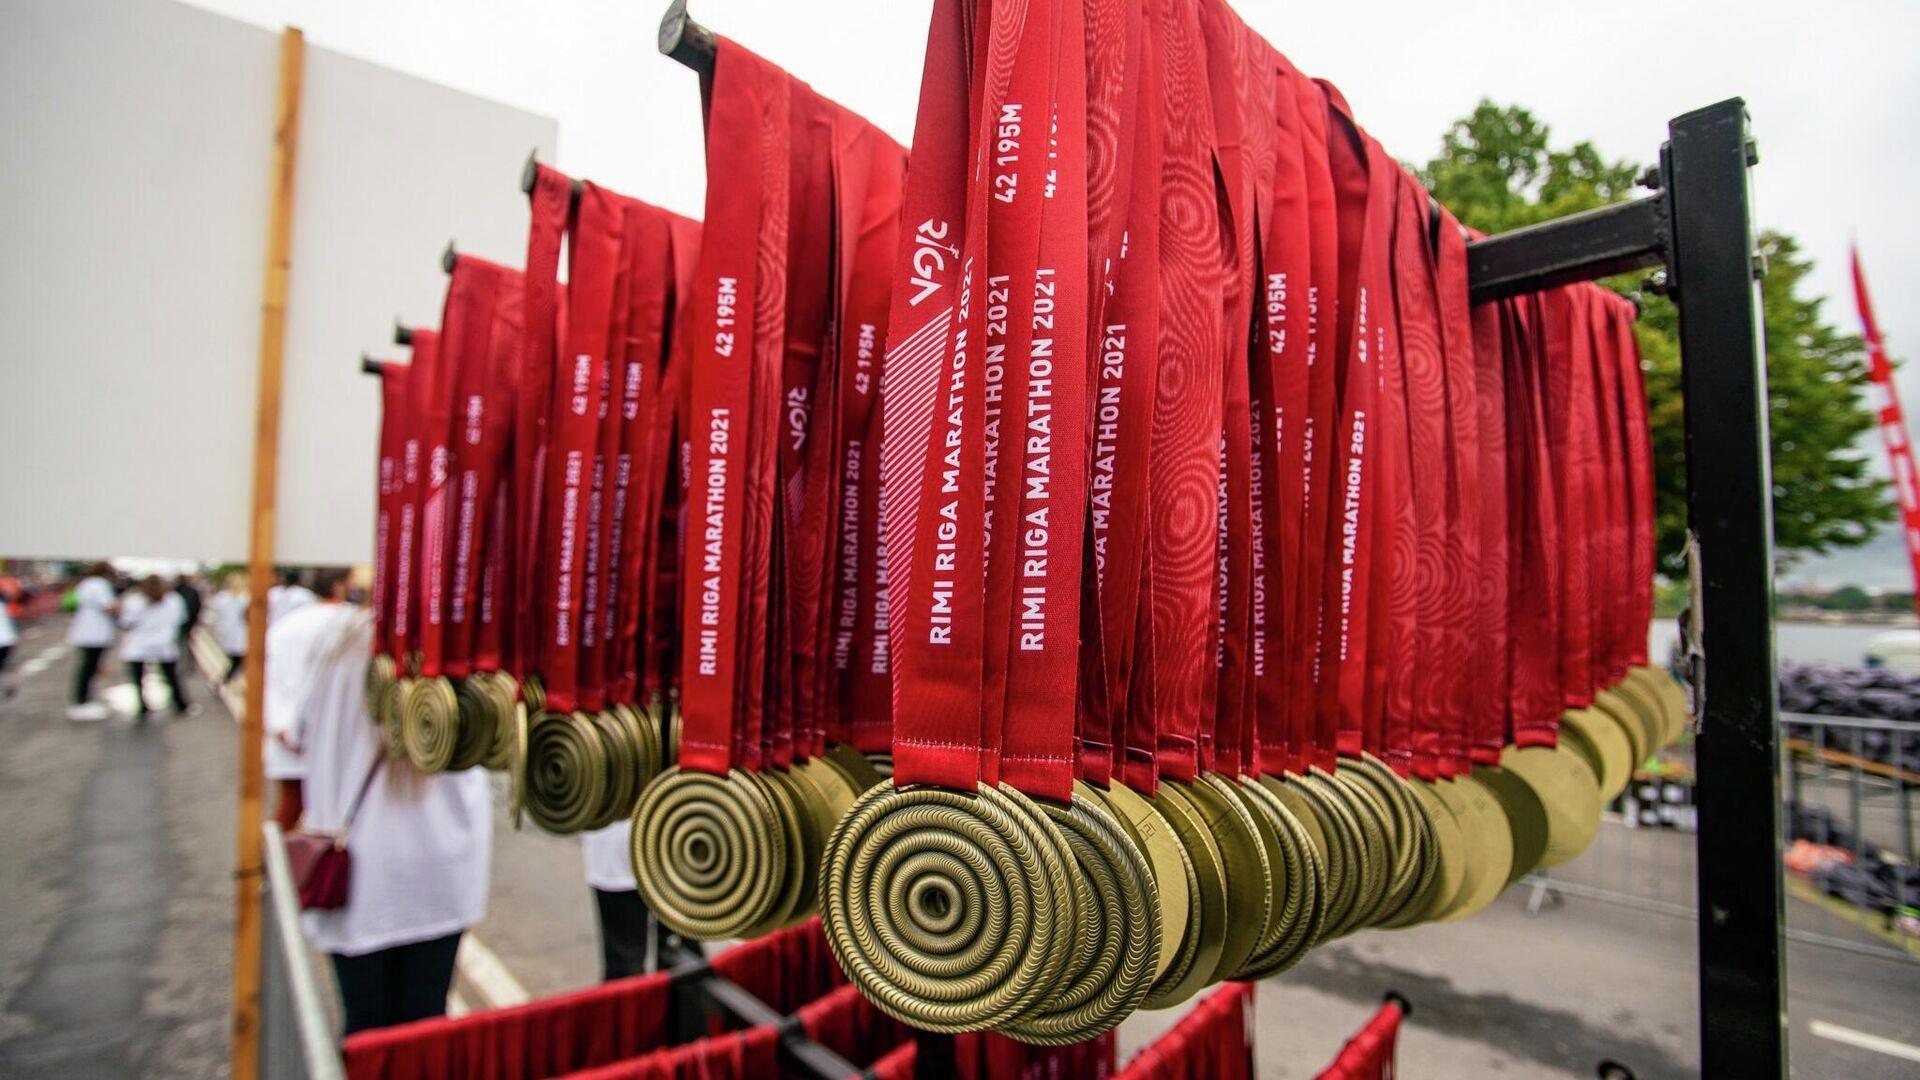 Медали за успешное завершение дистанции Рижского марафона - Sputnik Латвия, 1920, 29.08.2021